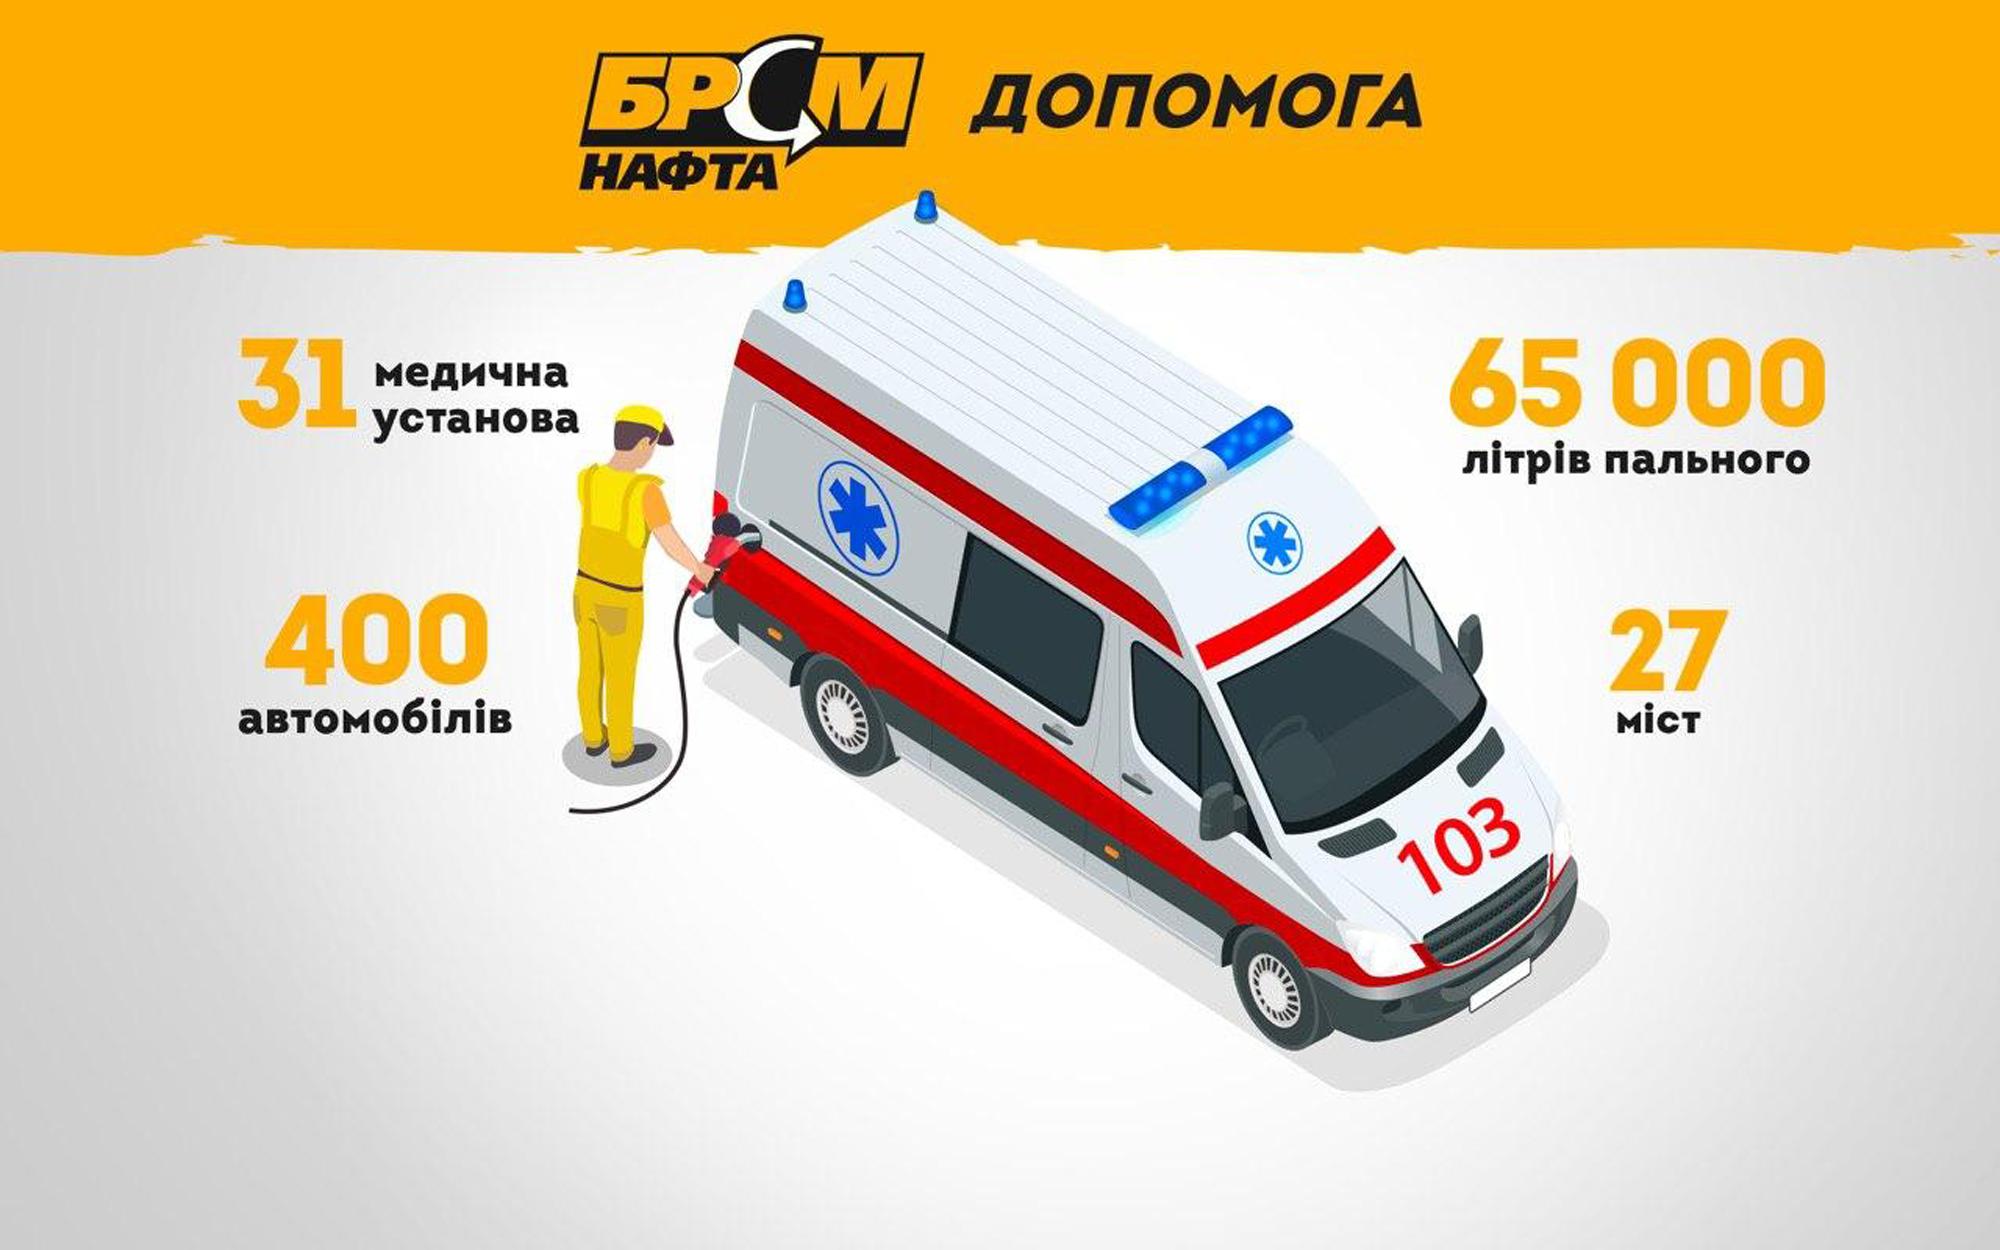 Сеть АЗК «БРСМ-Нафта» оказывает помощь украинским медикам, не снижая обороты